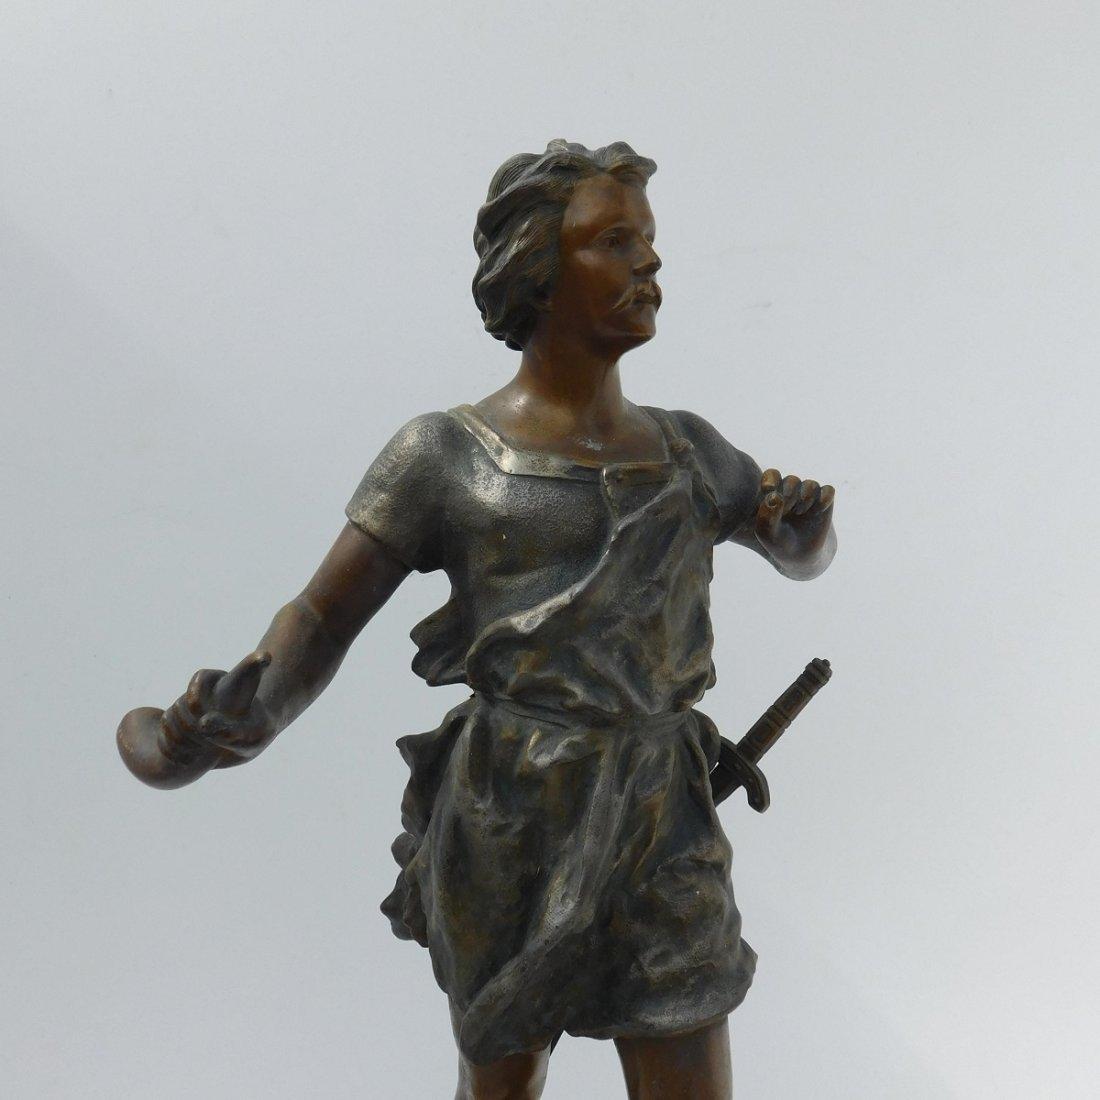 Patinated Metal Sculpture of a Man - 2